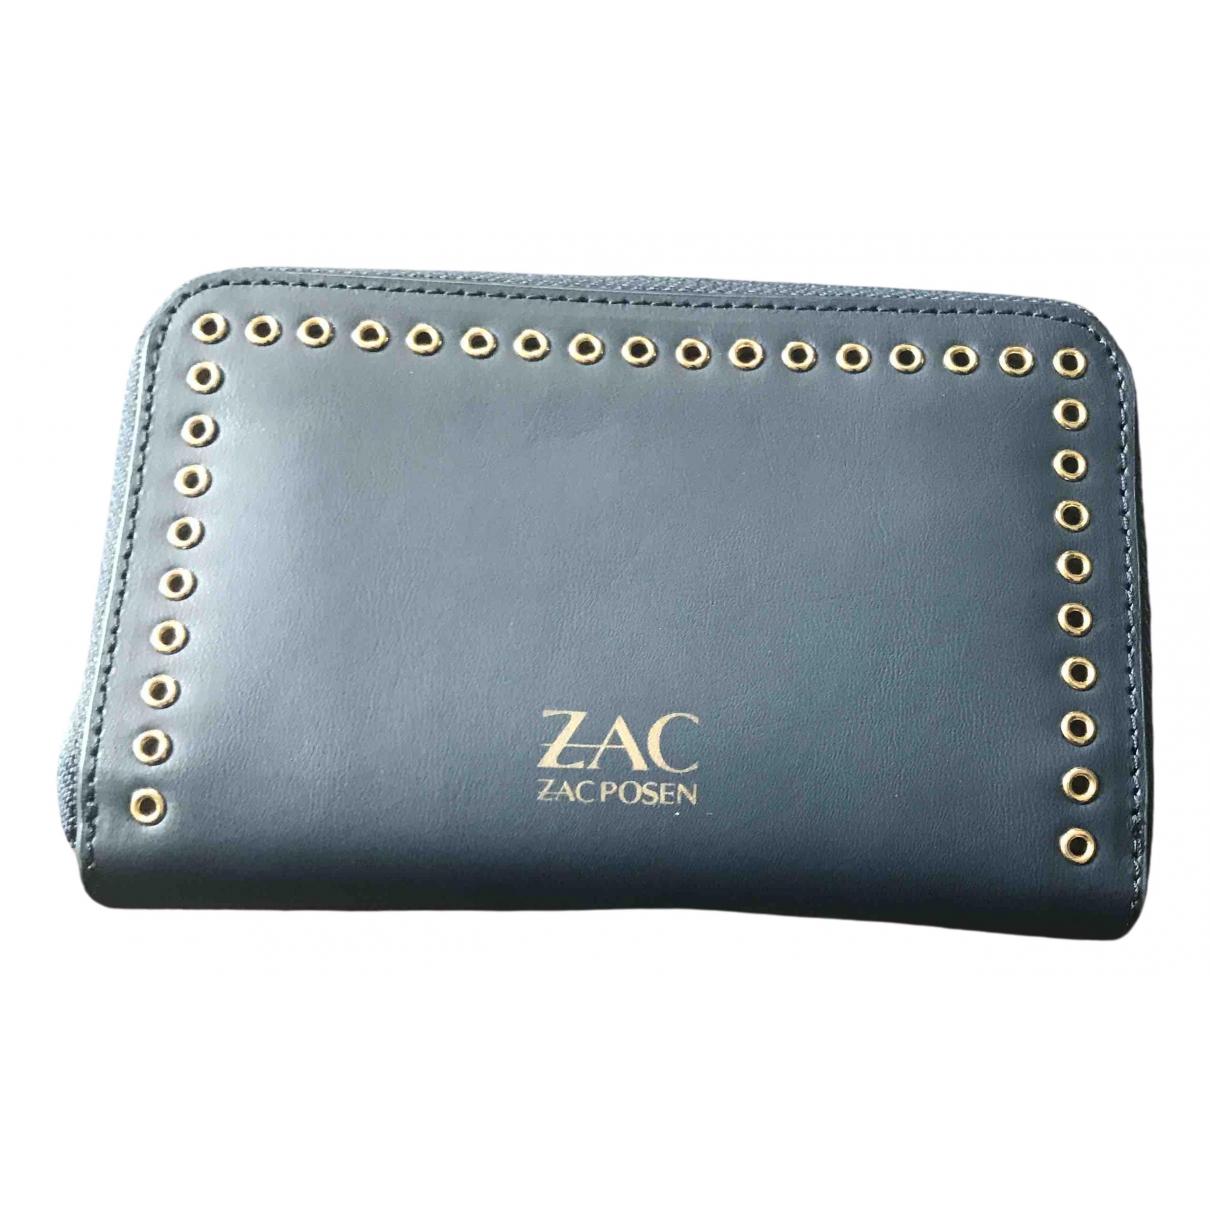 Zac Posen - Portefeuille   pour femme en cuir - bleu